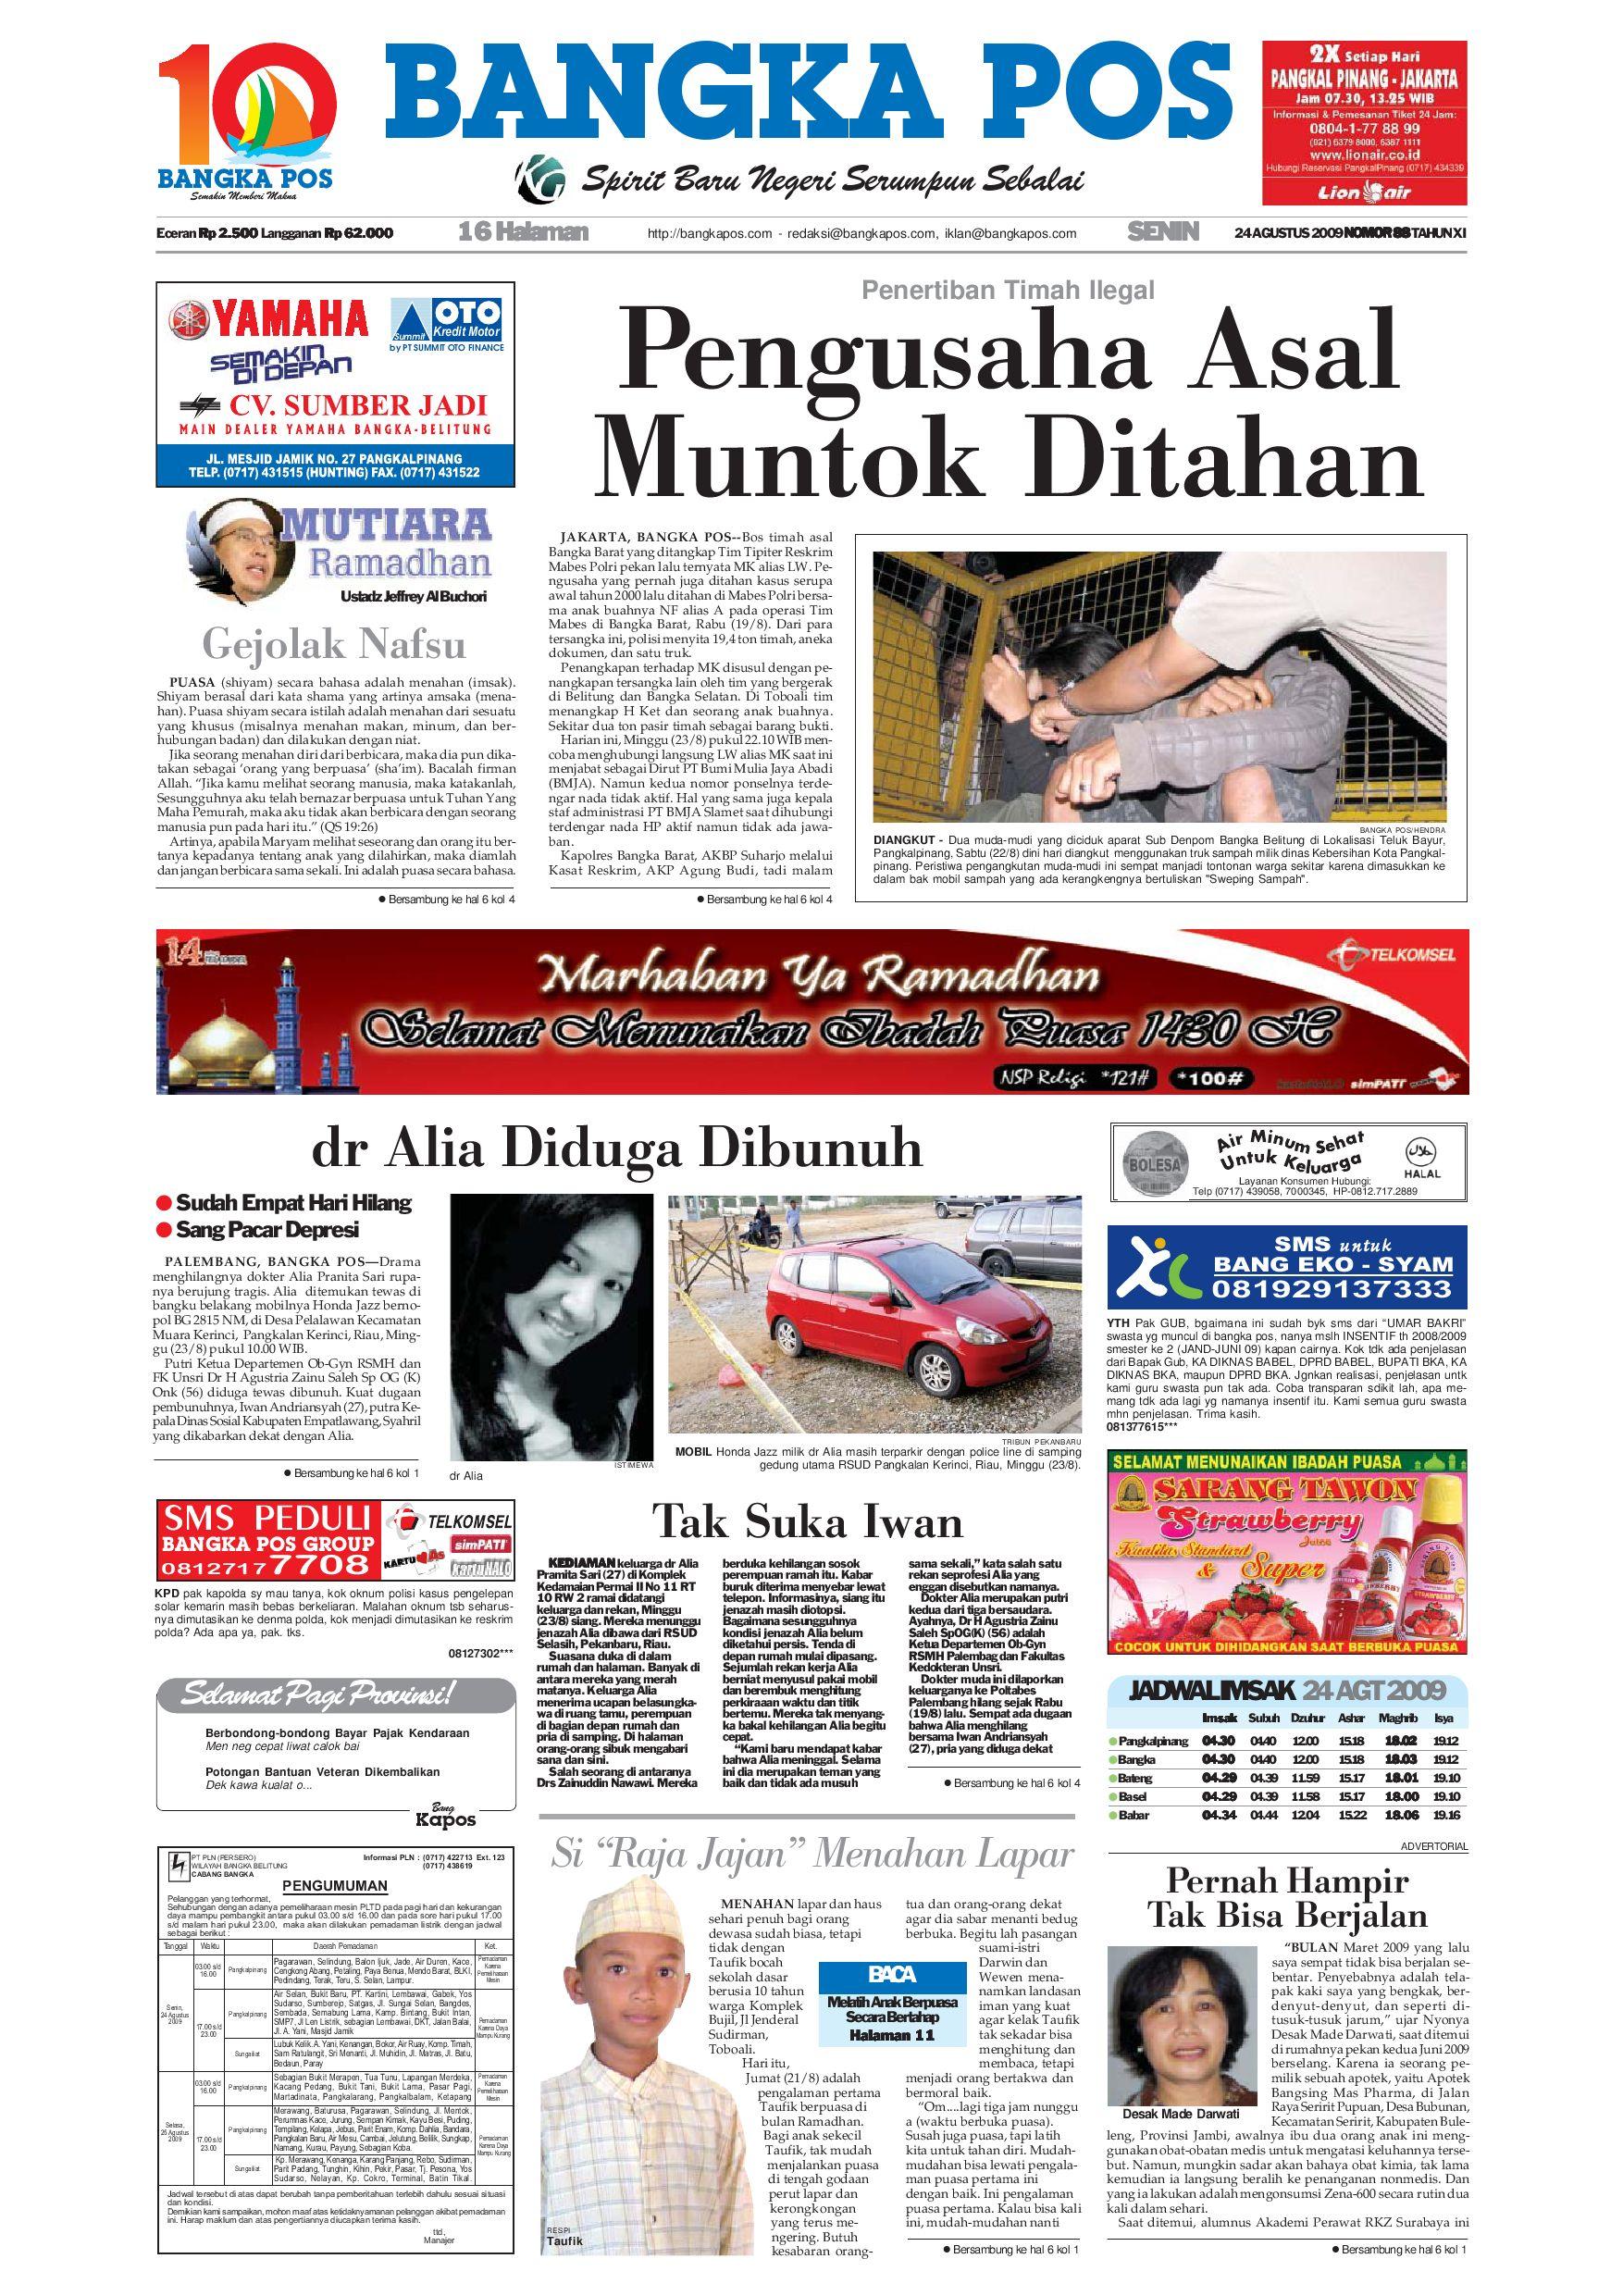 Harian Pagi Bangka Pos Edisi 24 Agustus 2009 by bangka pos - issuu d3bbadc44ef05